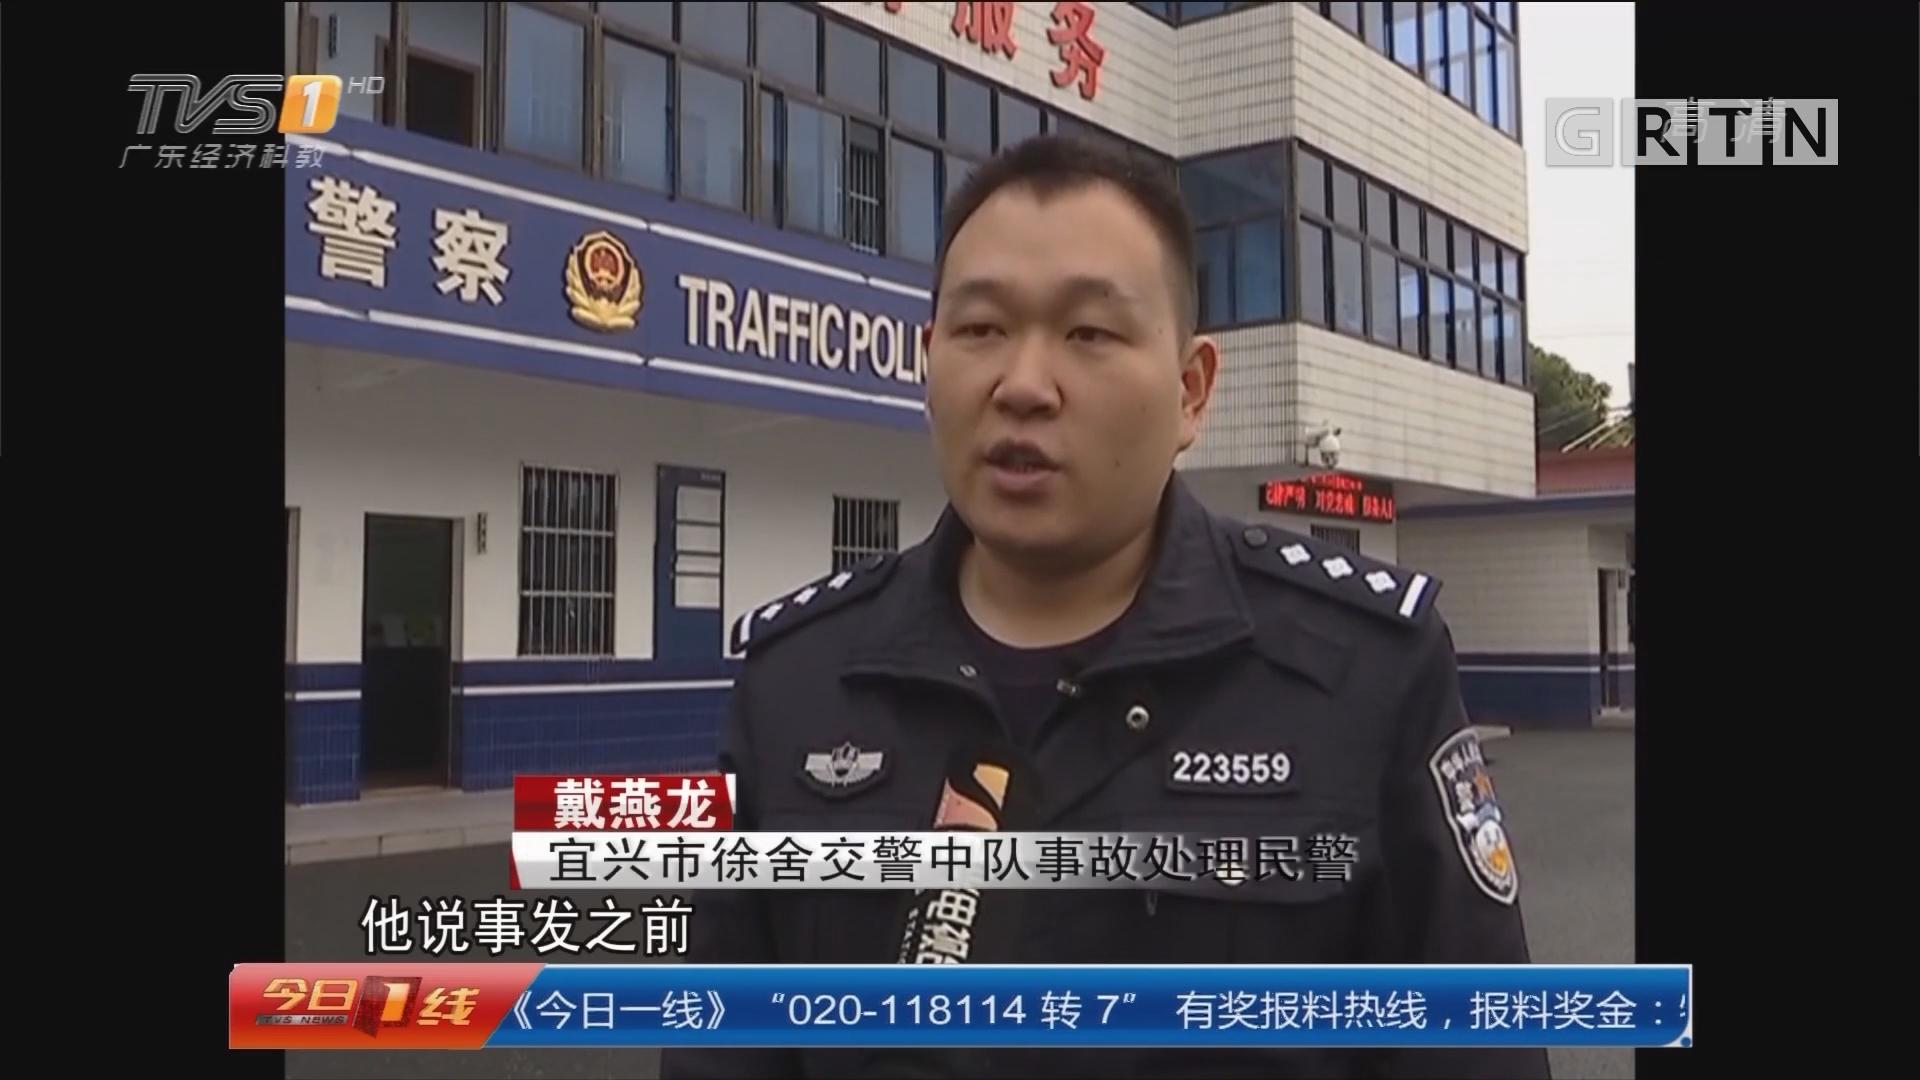 江苏:司机低头捡手机 汽车失控撞死人